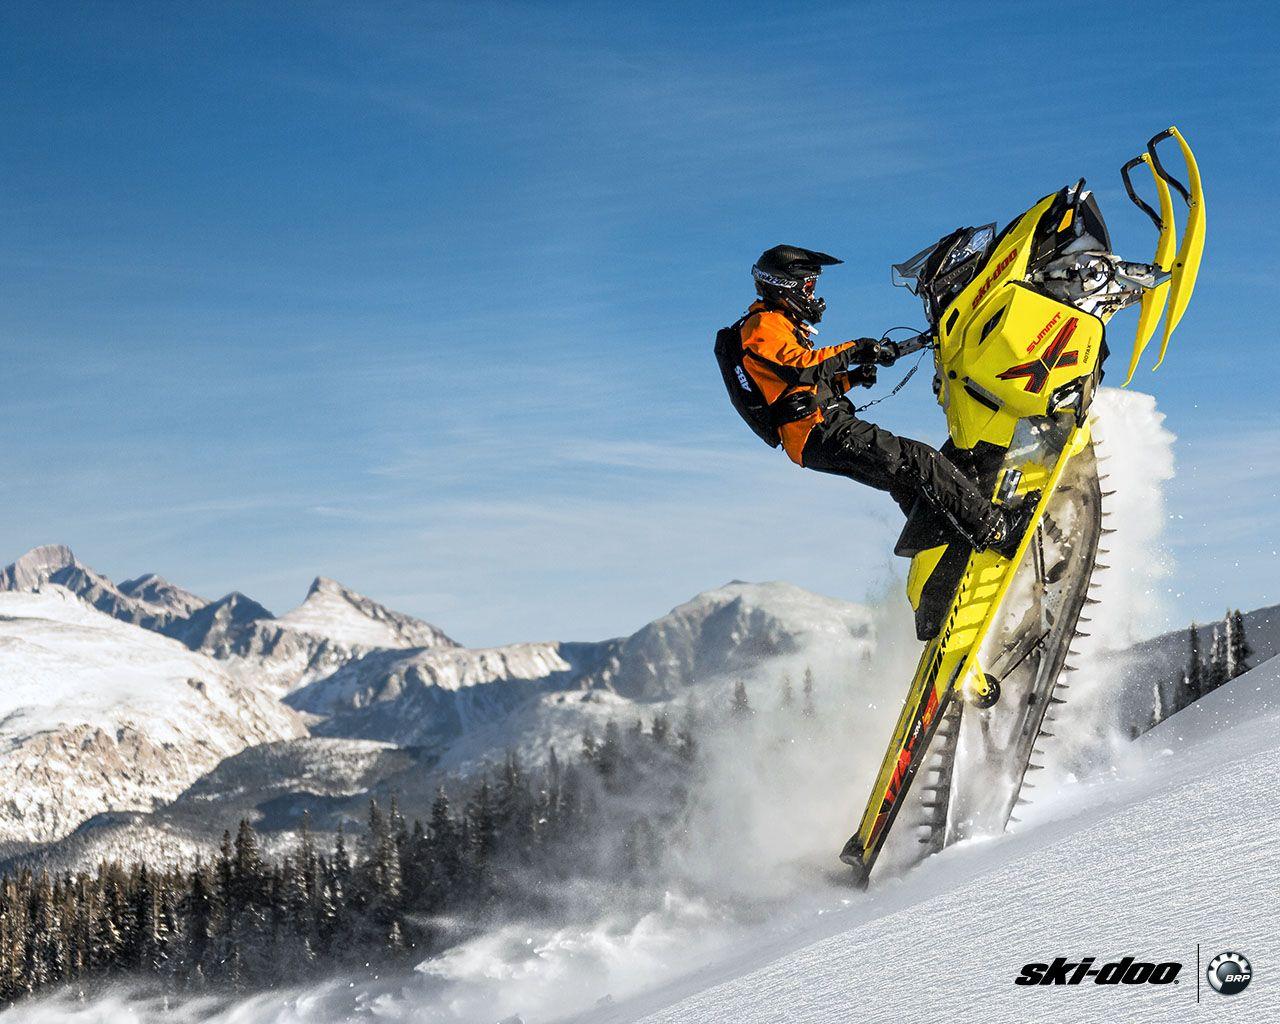 Ski Doo Wallpaper - WallpaperSafari